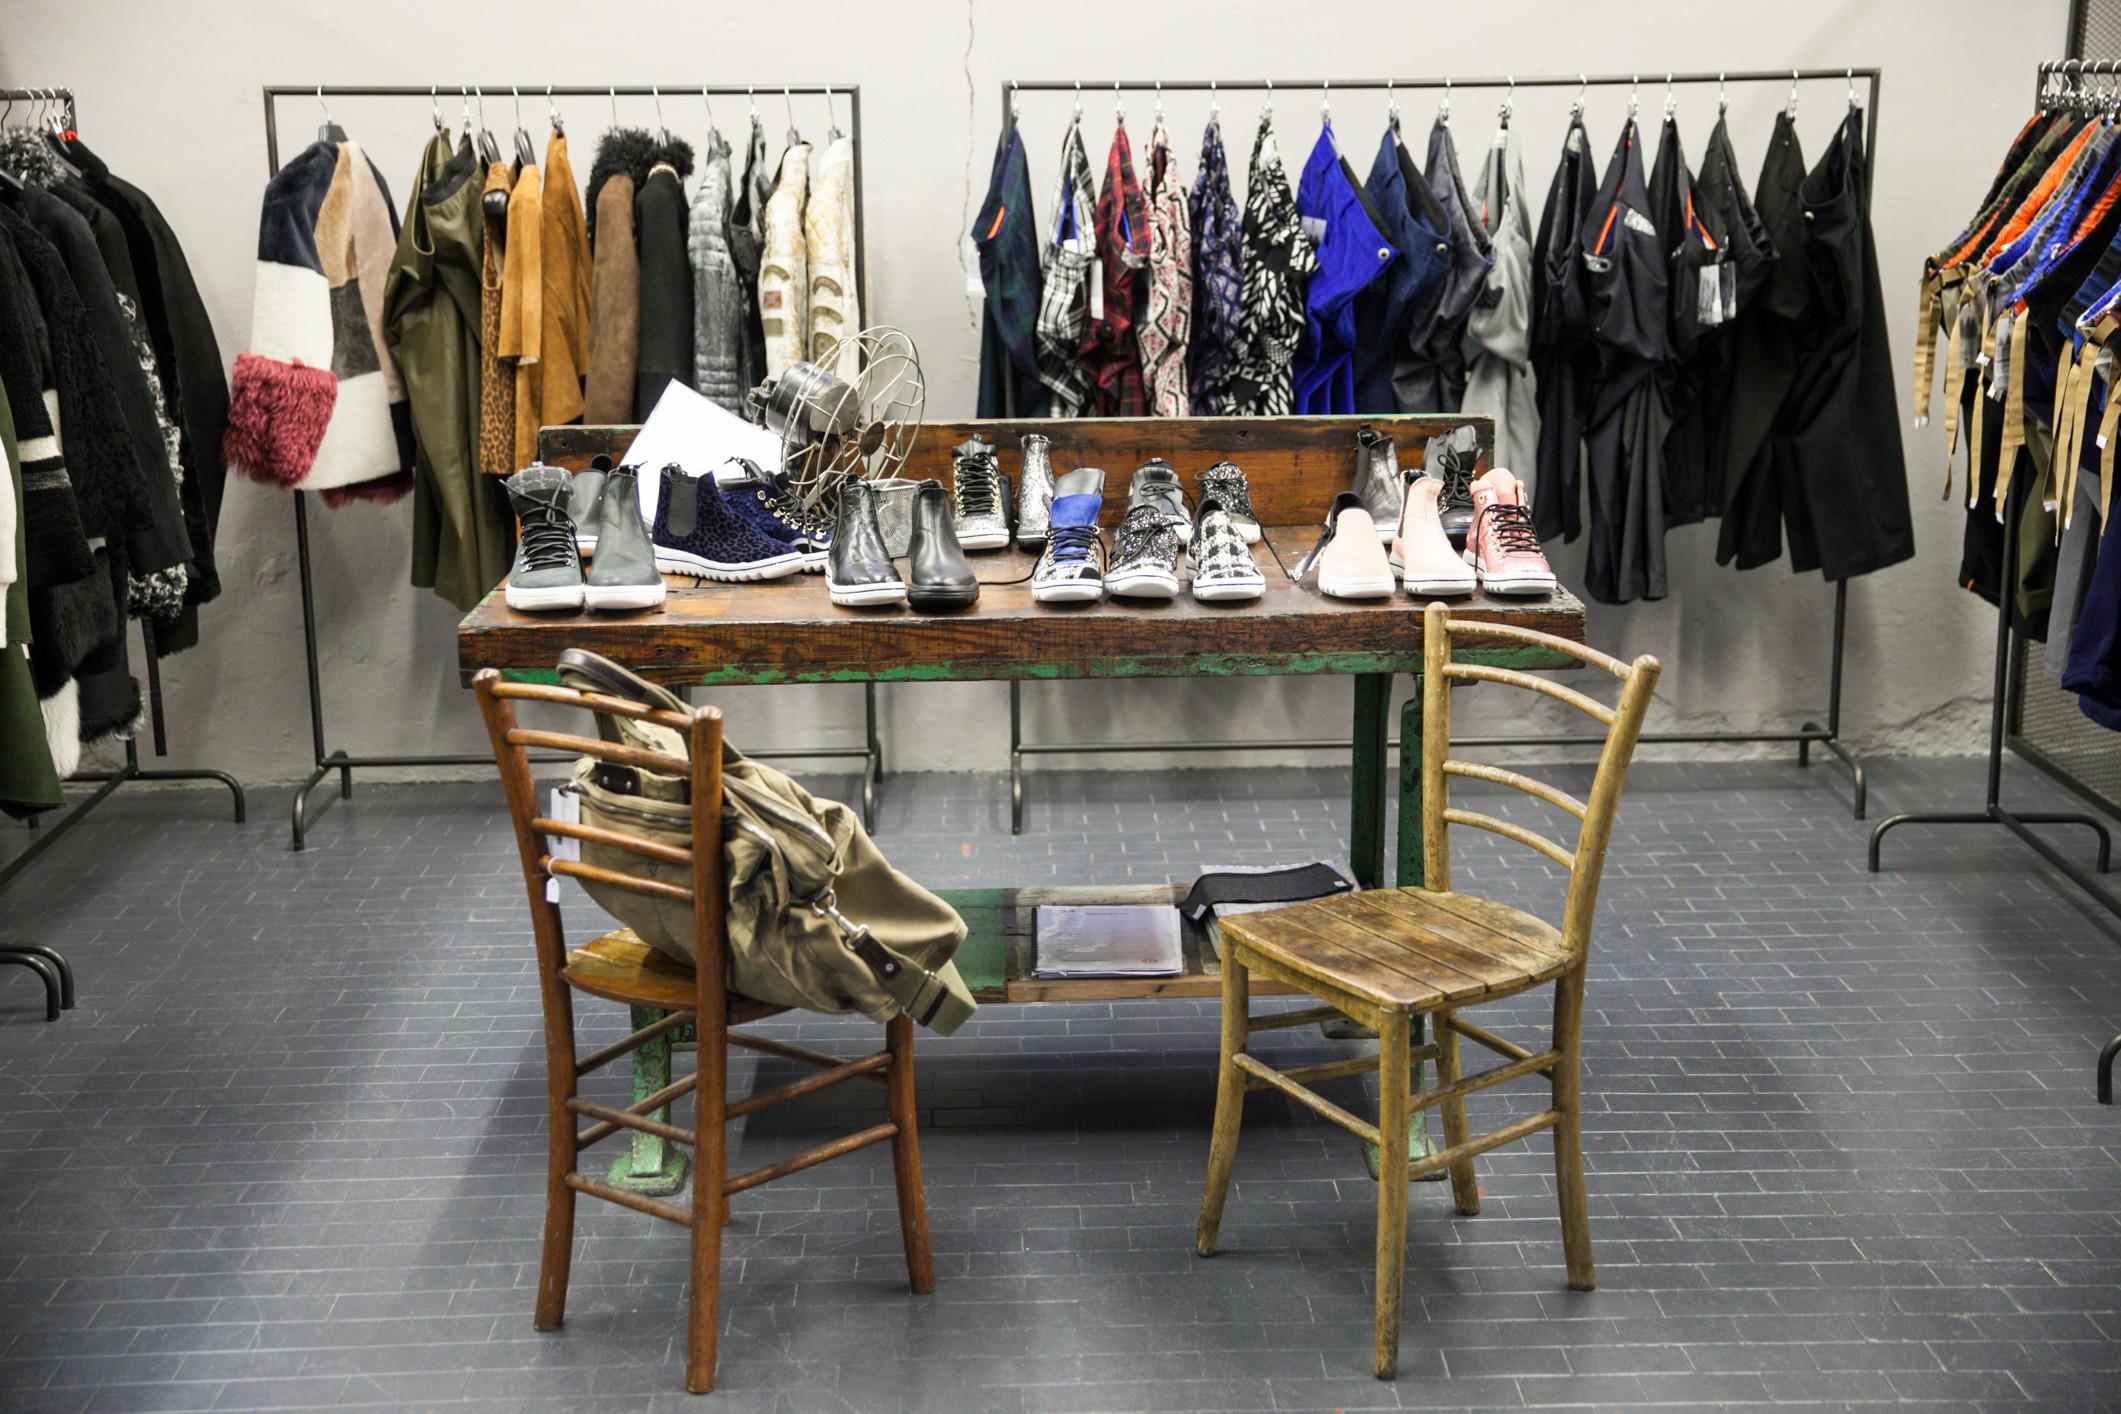 Arredo e Posizionamento In Showroom di Abbigliamento